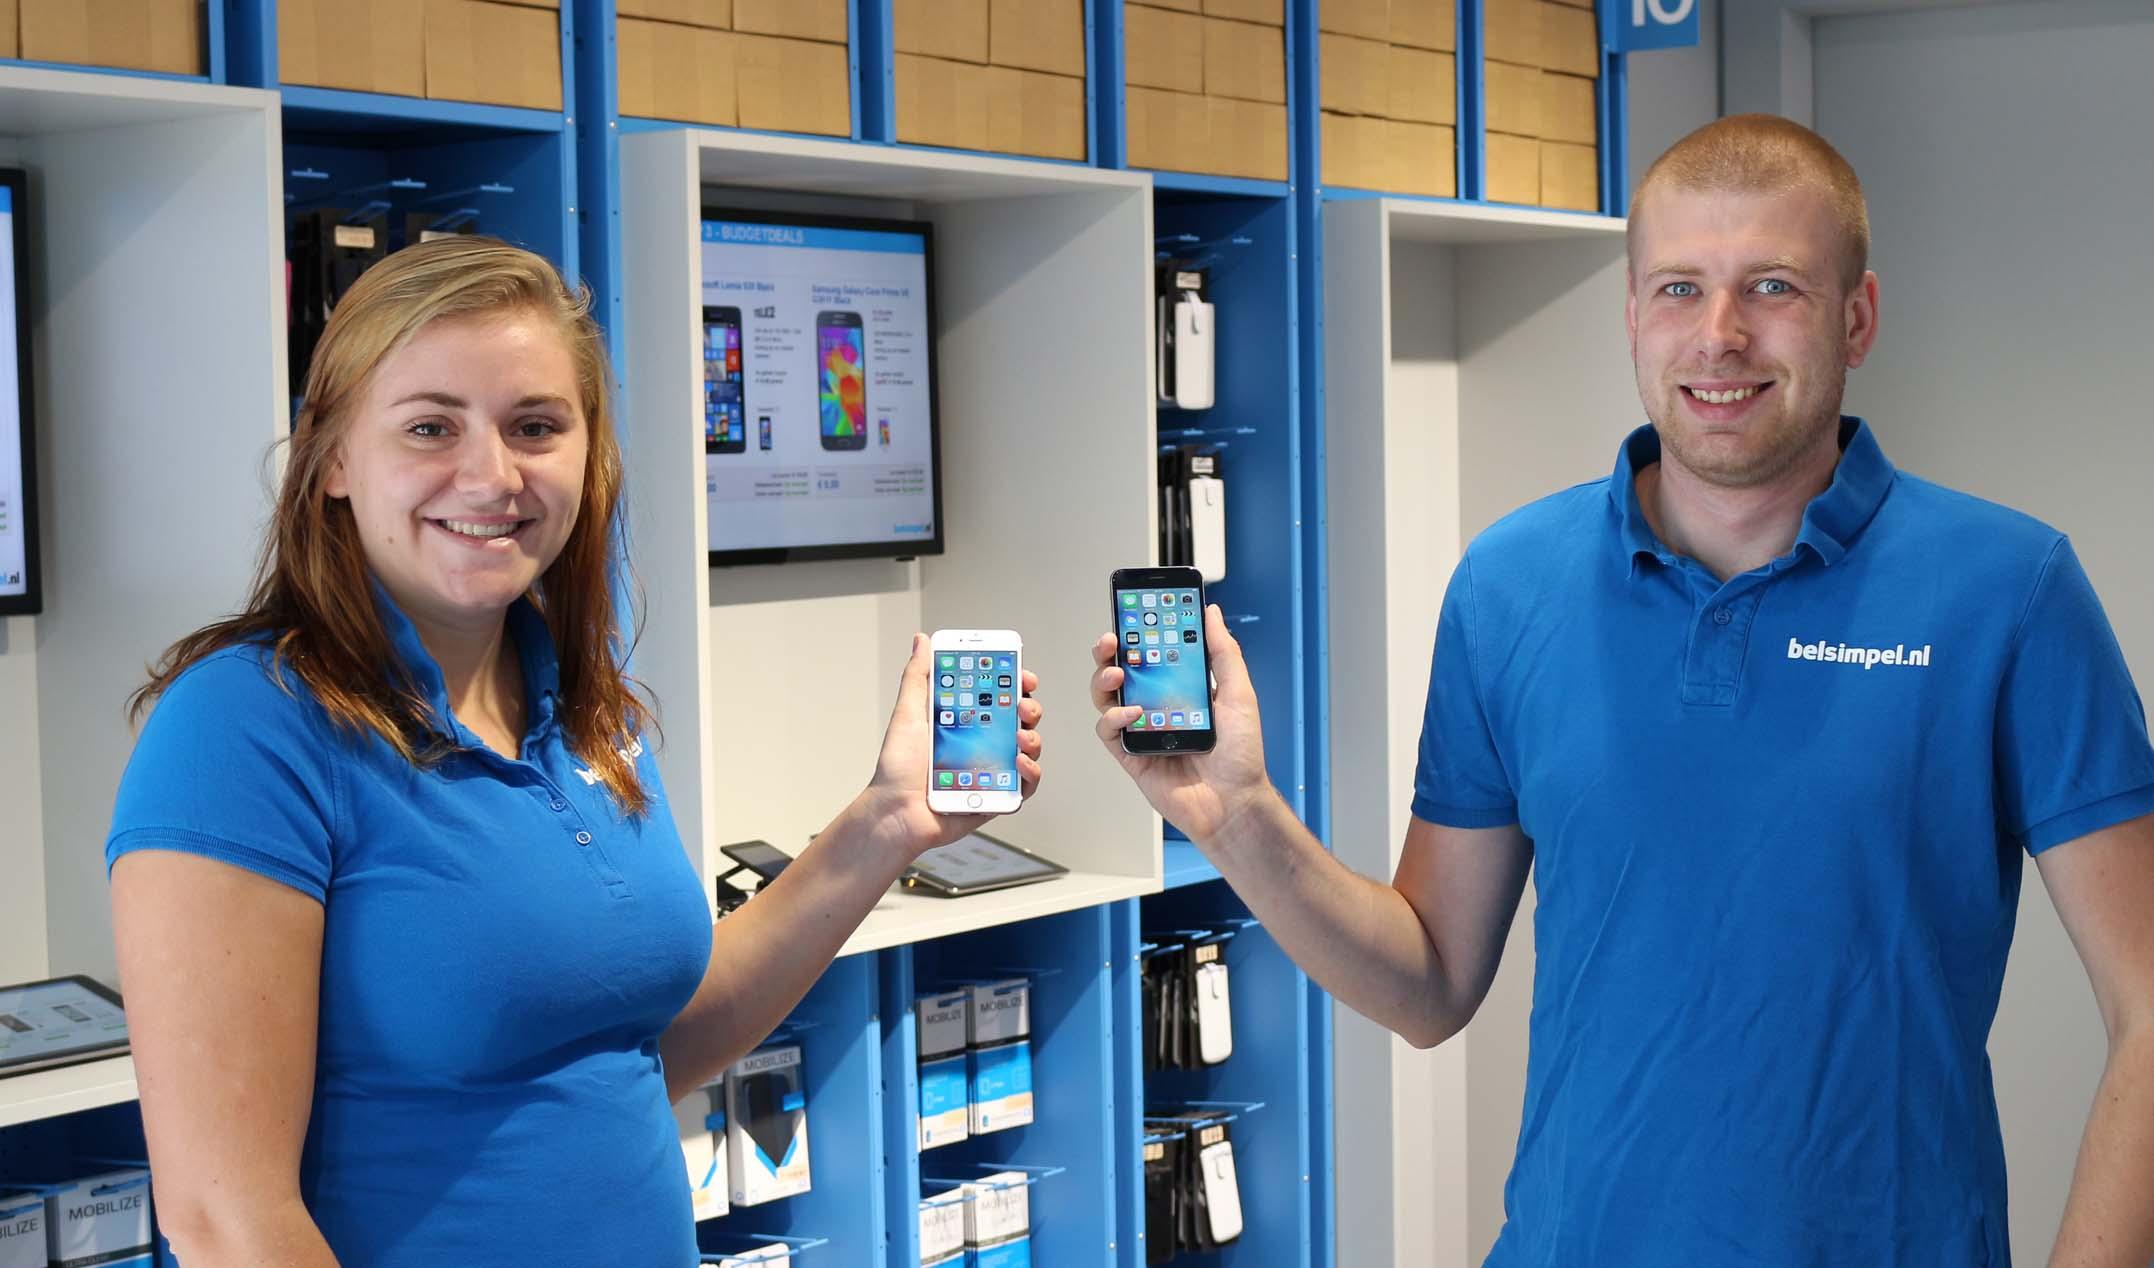 Eerste iPhone 6S verzonden naar klanten Belsimpel.nl